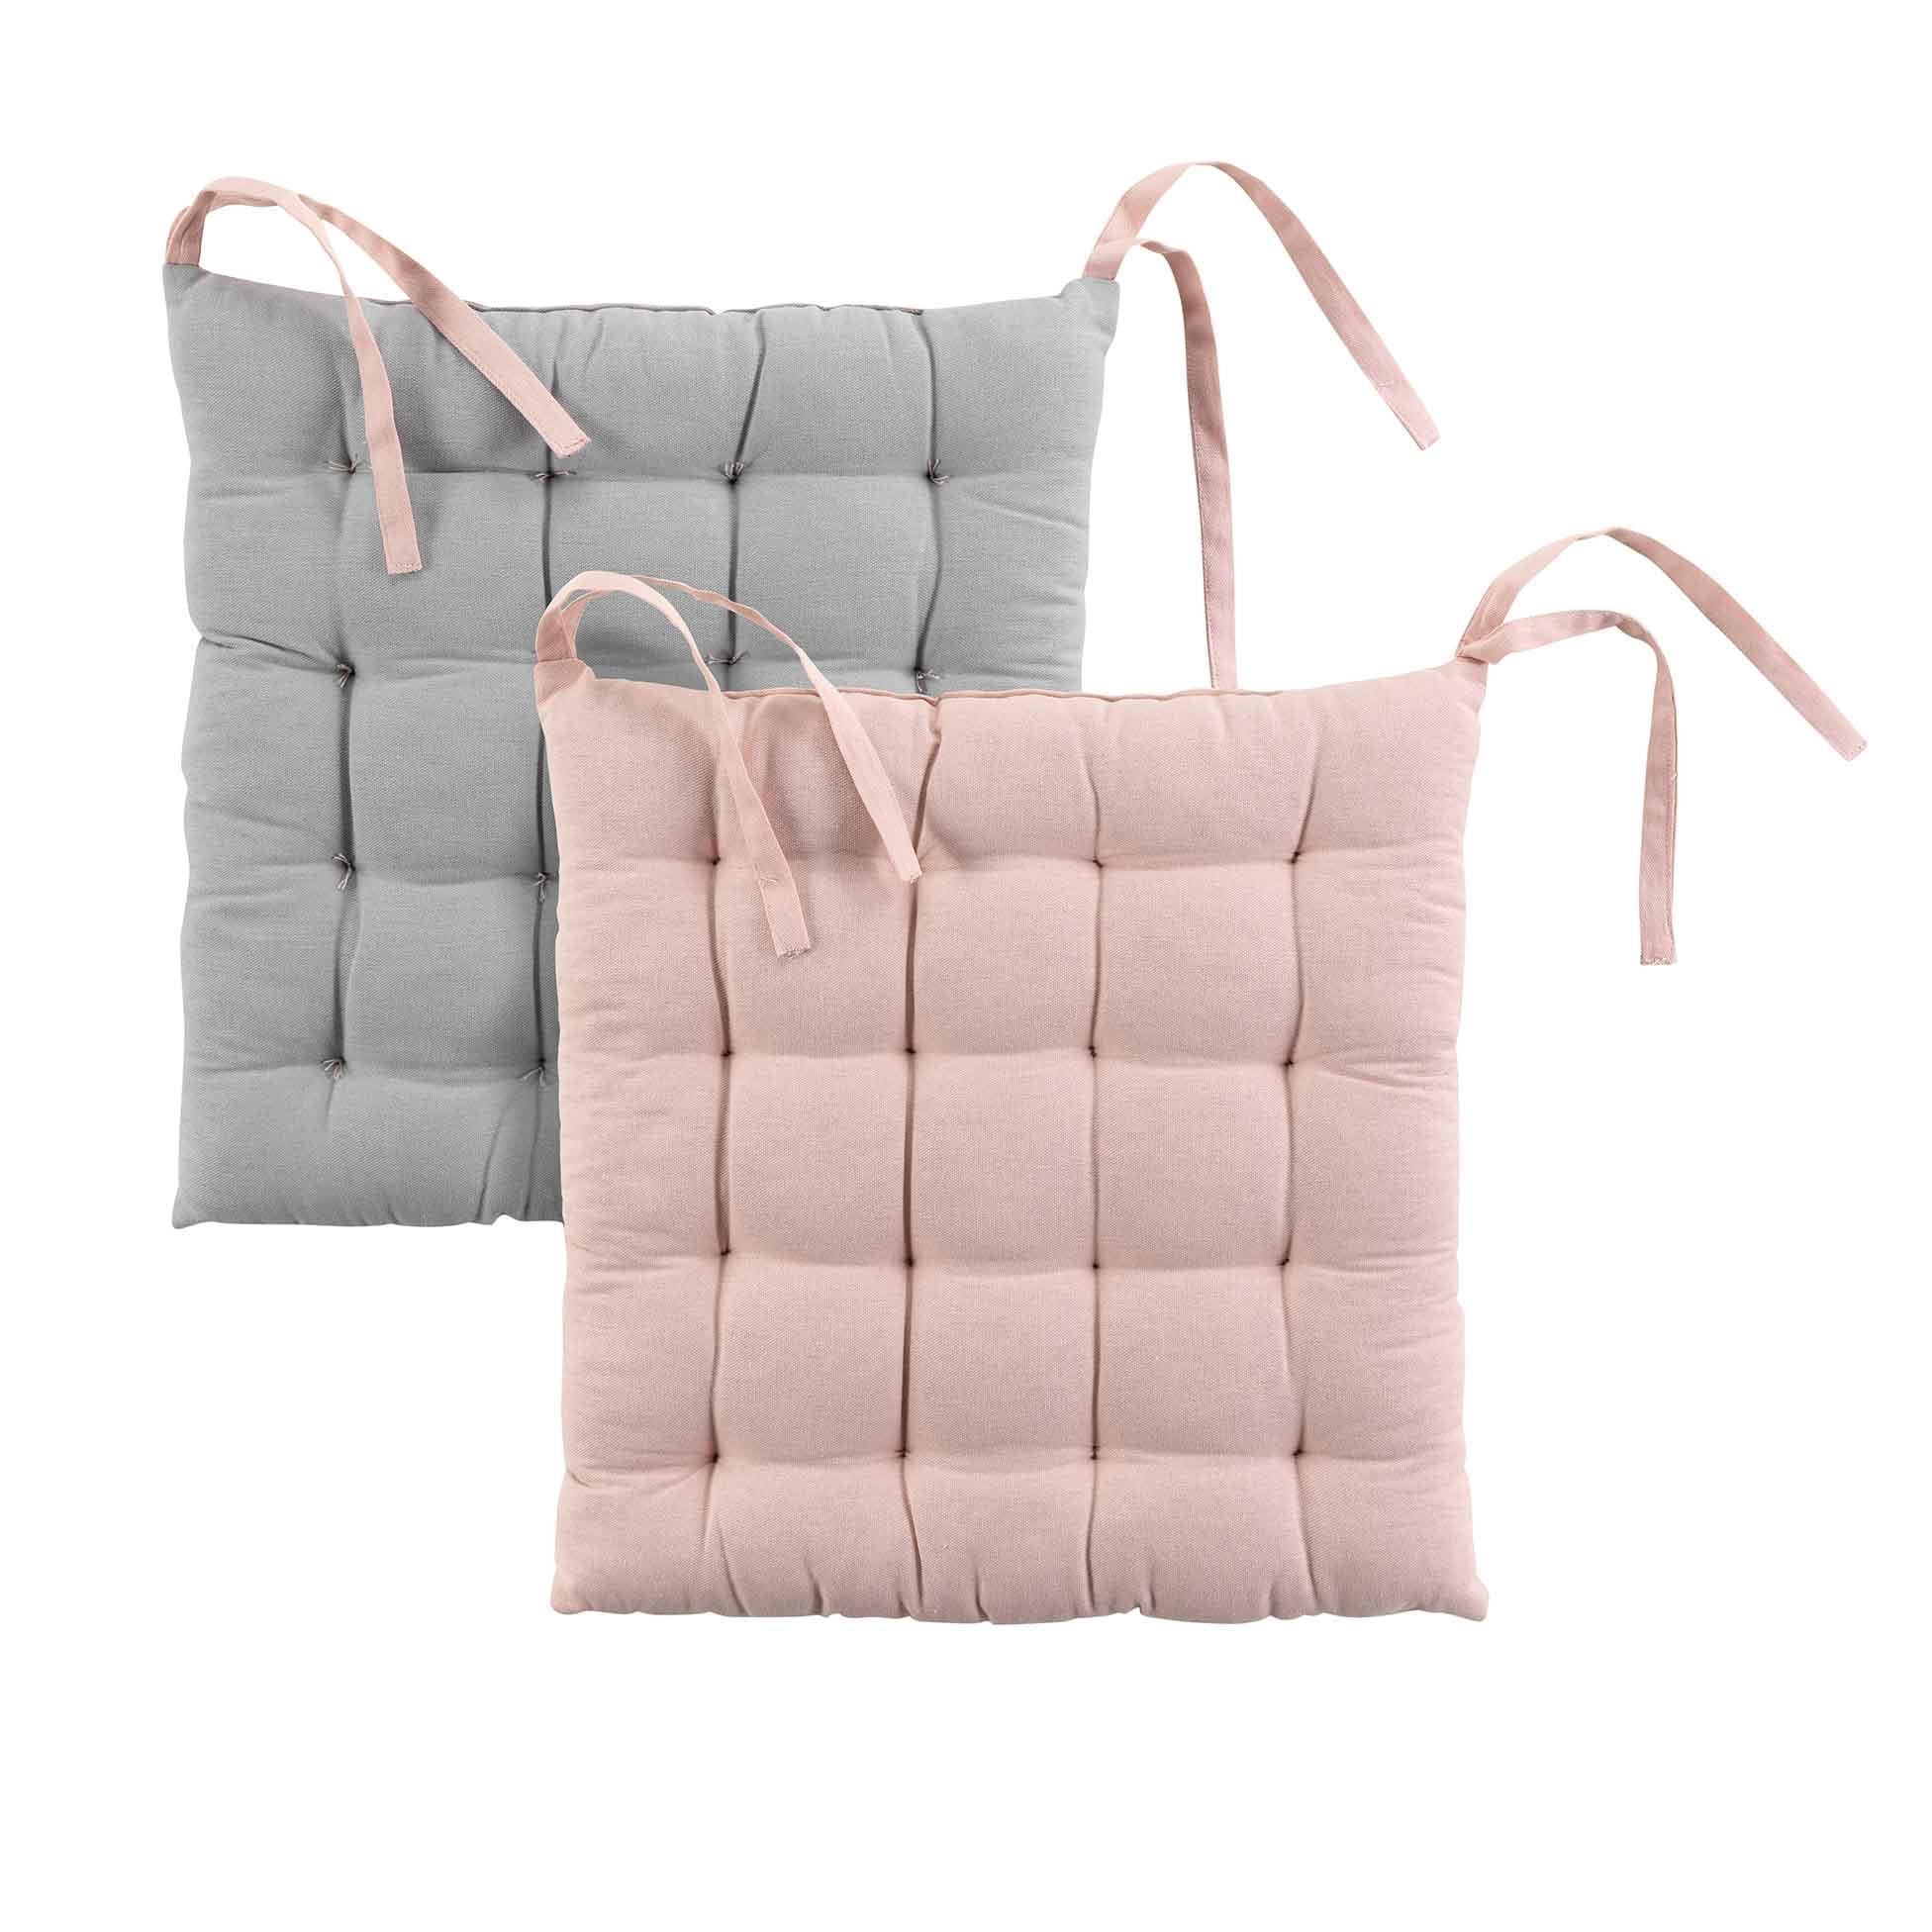 Galette de chaise matelassée bicolore coton rose/gris 40x40